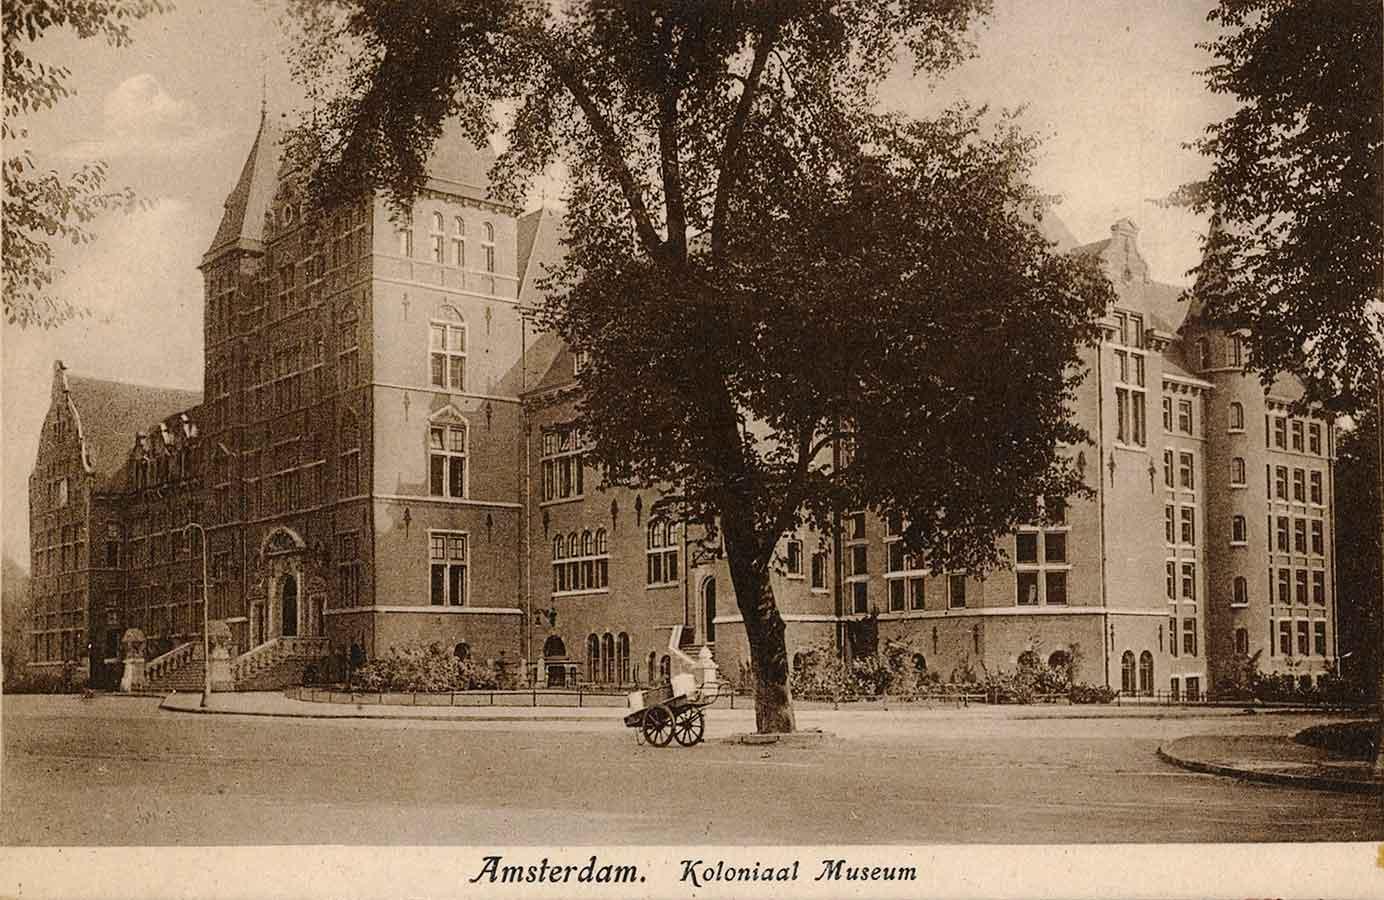 Briefkaart met tekst 'Koloniaal Museum'. Foto genoemen vanaf Mauritskade vanaf de rechterzijde richting ingang. Lege straat met geparkeerde handkar.